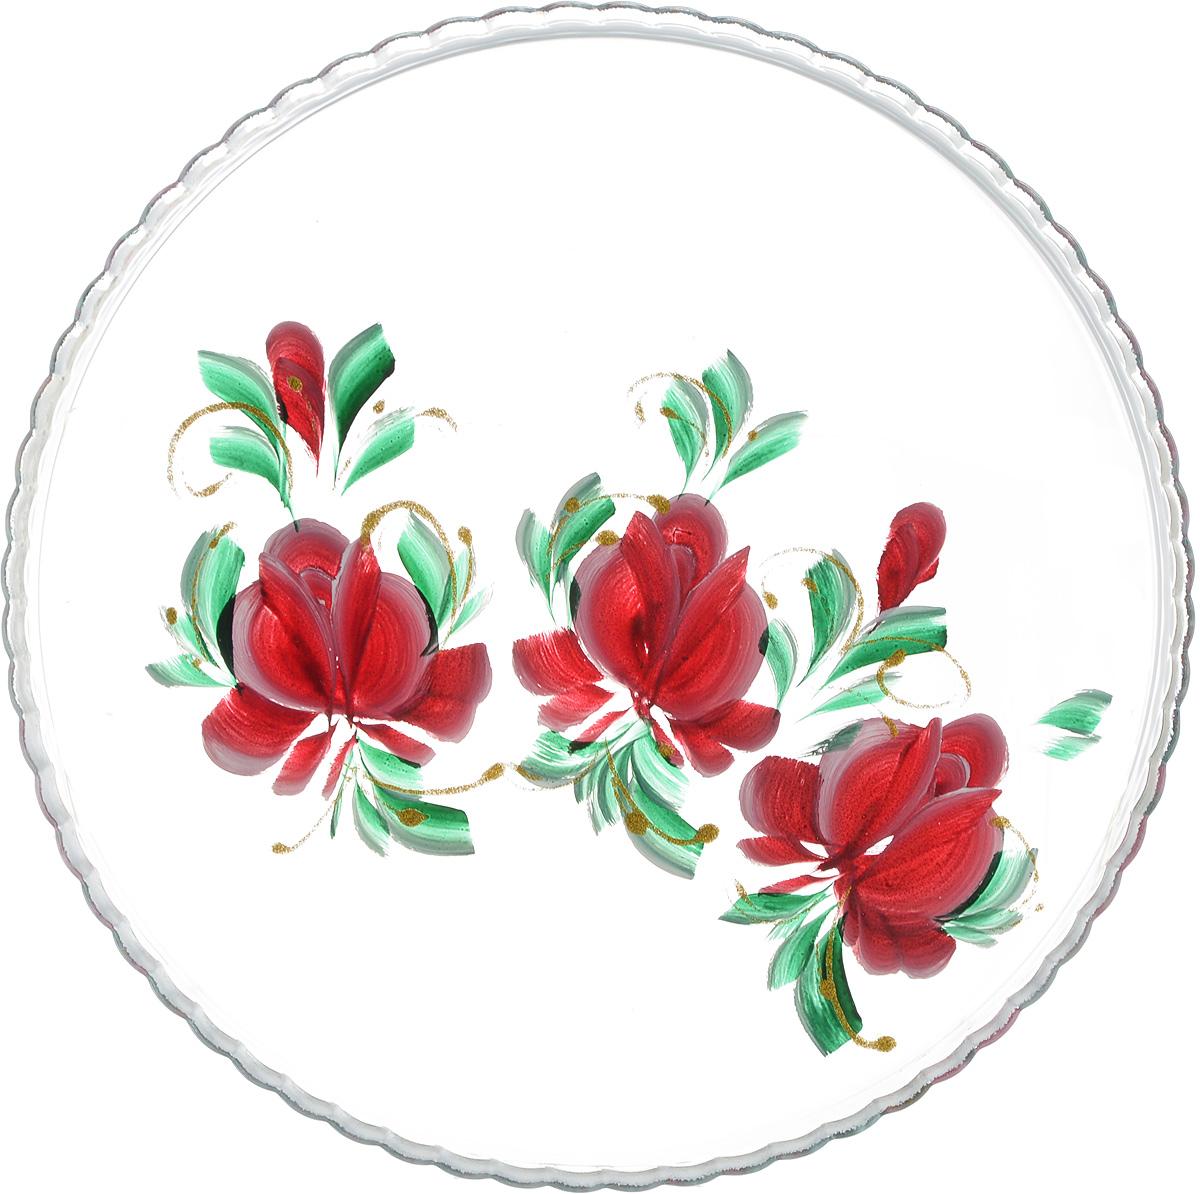 Блюдо Хрустальный звон Патиссэри, цвет: бордовый, зеленый, диаметр 28 см1193698_рис. 4Круглое блюдо Хрустальный звон Патиссэри выполнено из высококачественного стекла и дополнено красивым принтом с художественной росписью. Изделие отлично подходит для сервировки закусок, нарезок, канапе, горячих блюд и многого другого.Такое блюдо замечательно для торжественных случаев. Оно дополнит сервировку праздничного стола и подчеркнет ваш прекрасный вкус. Обращаем ваше внимание, что роспись на изделии сделана вручную. Рисунок может немного отличаться от изображения на фотографии. Диаметр блюда: 28 см.